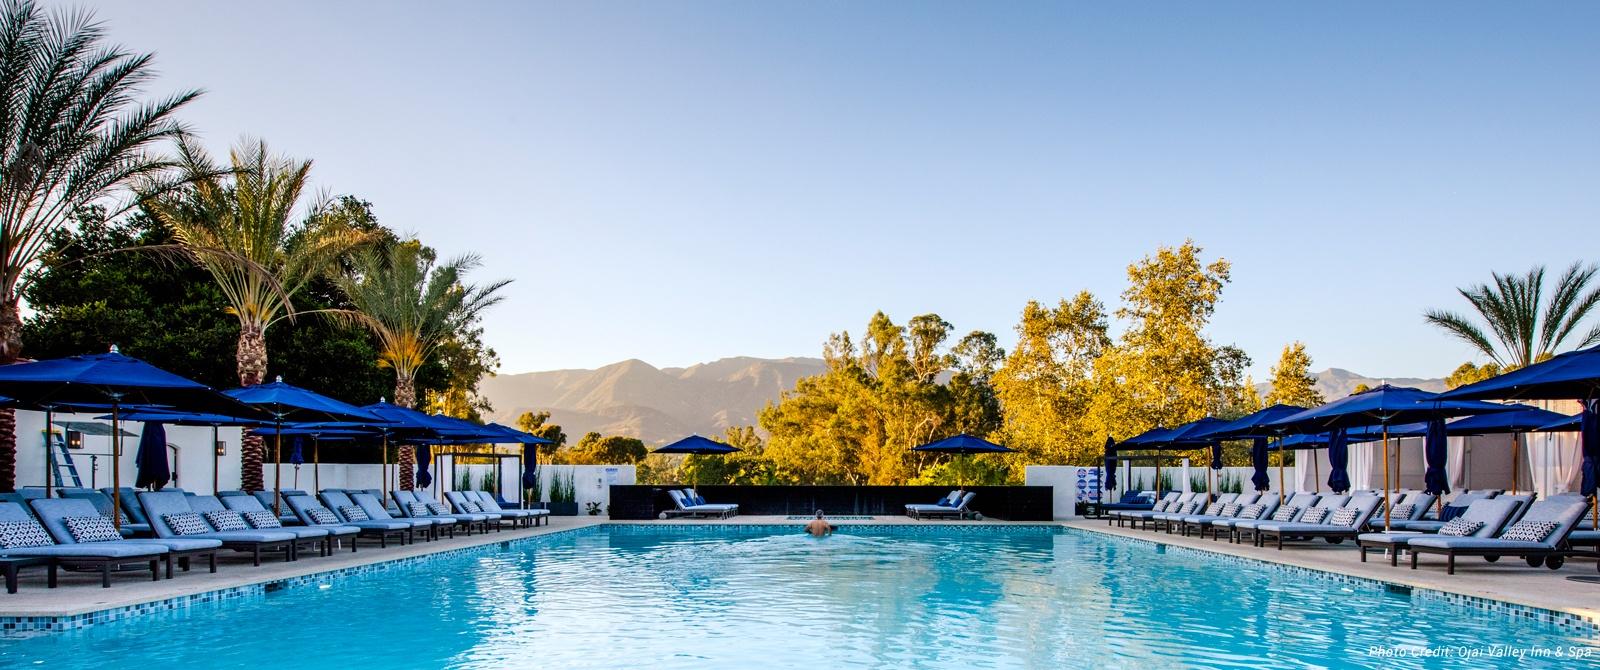 Hotel Deals In Ojai Ca